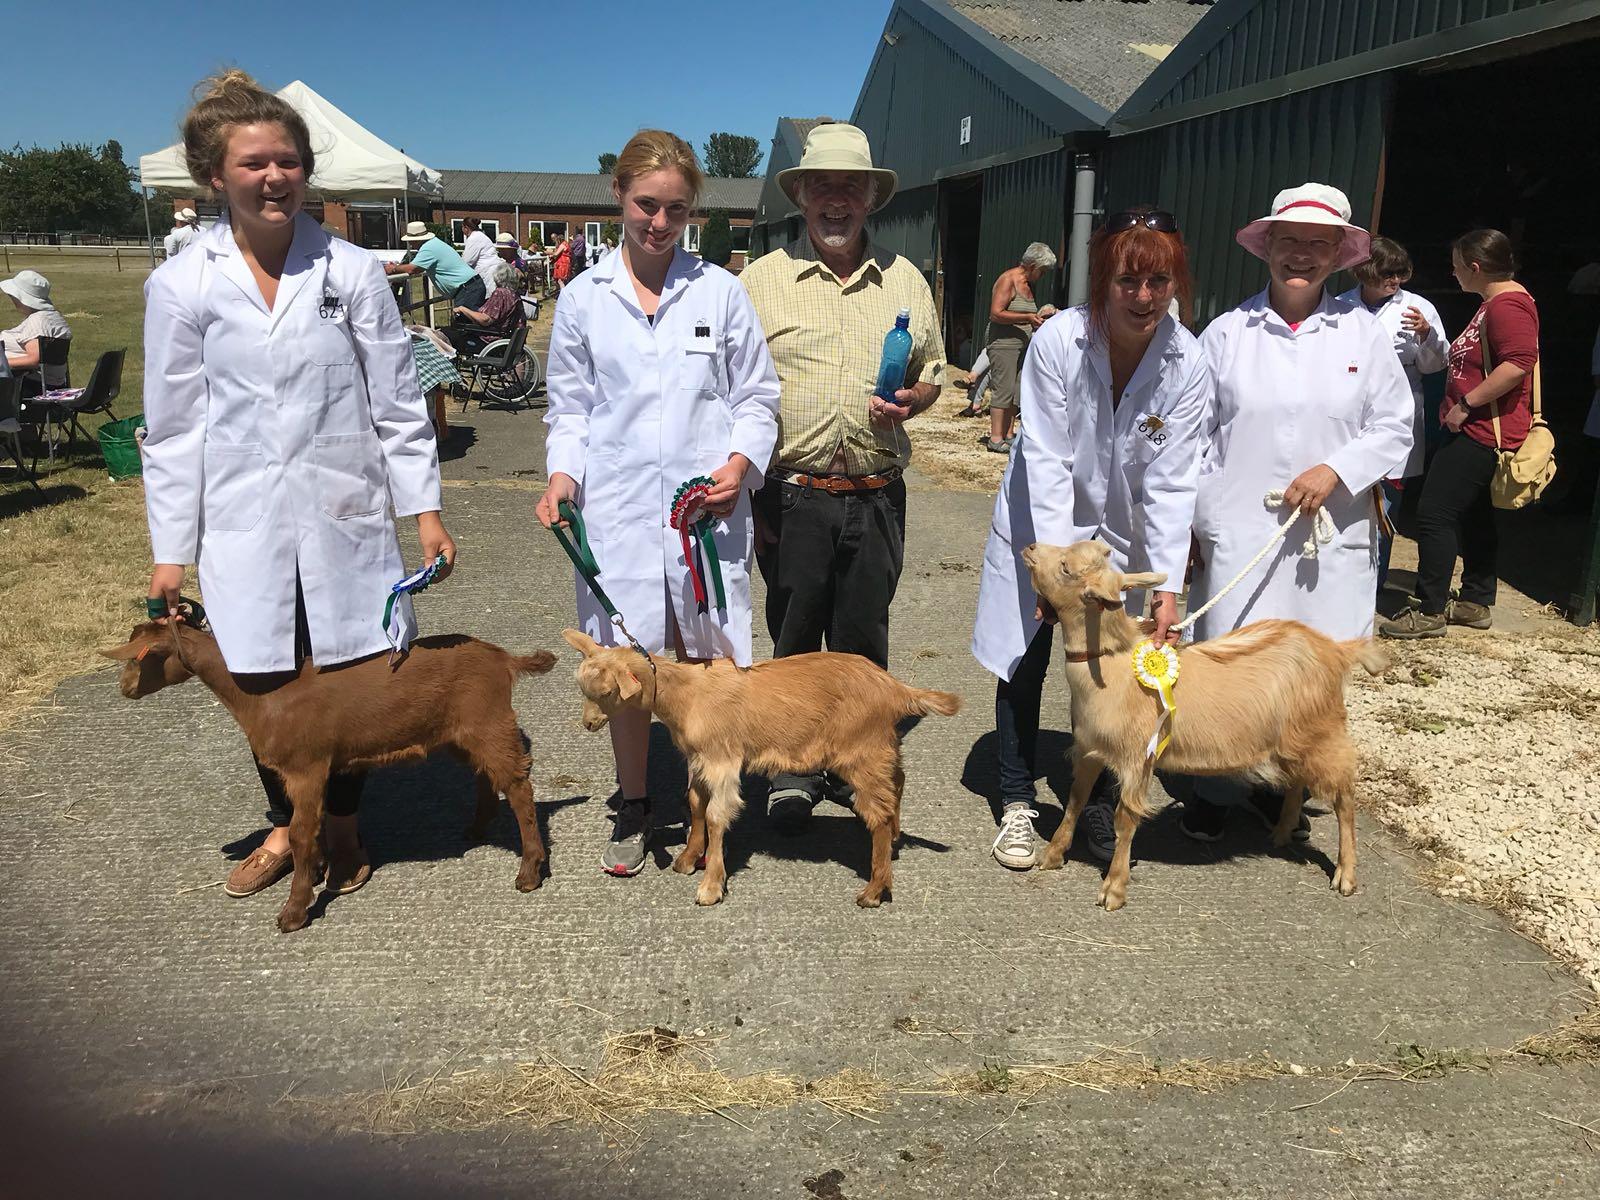 Golden Guernsey goats at a show